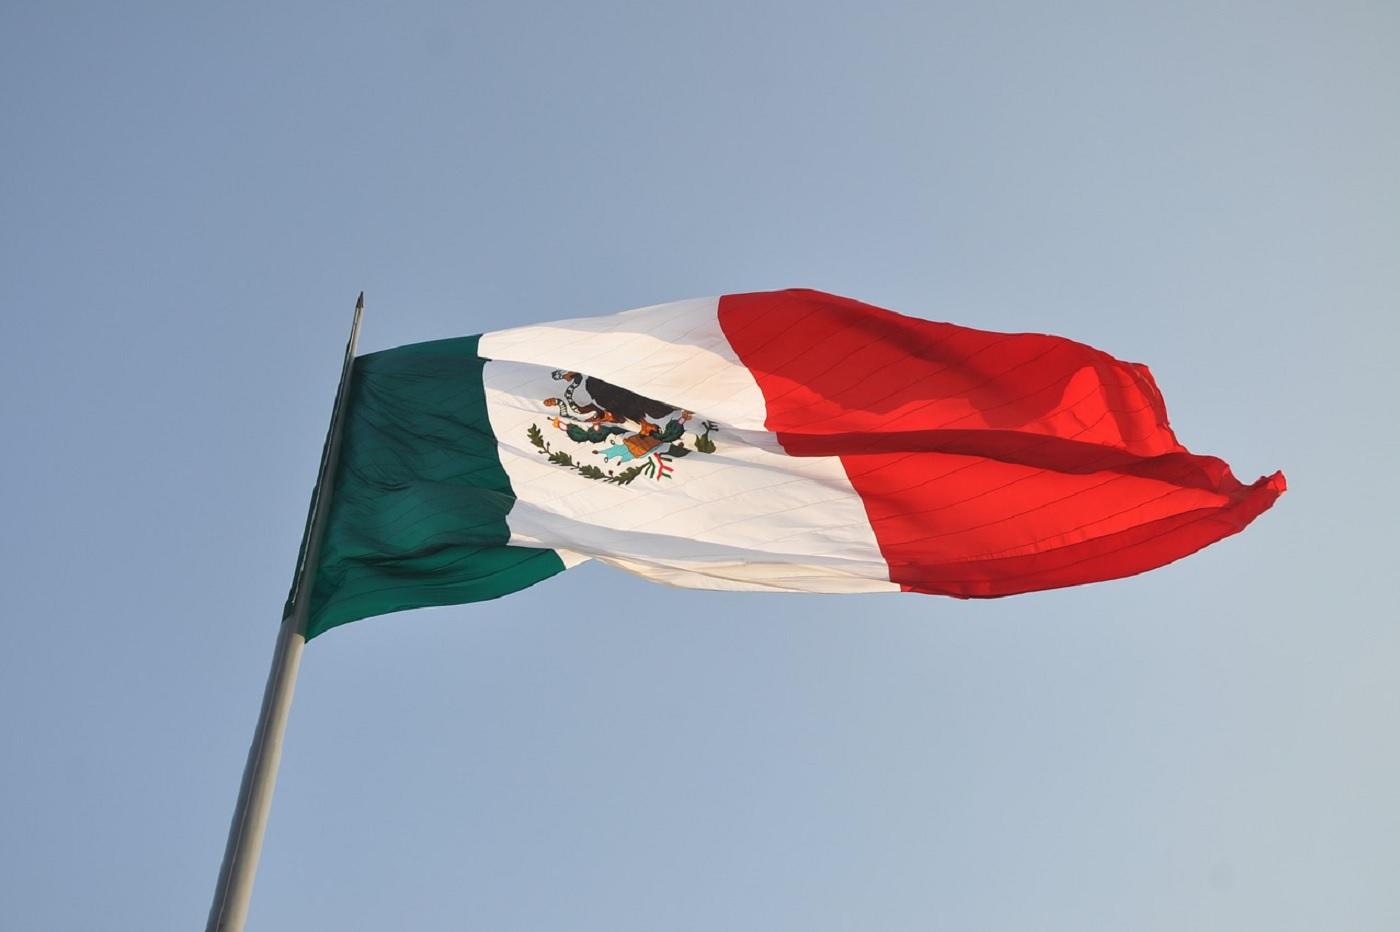 Le drapeau du Mexique